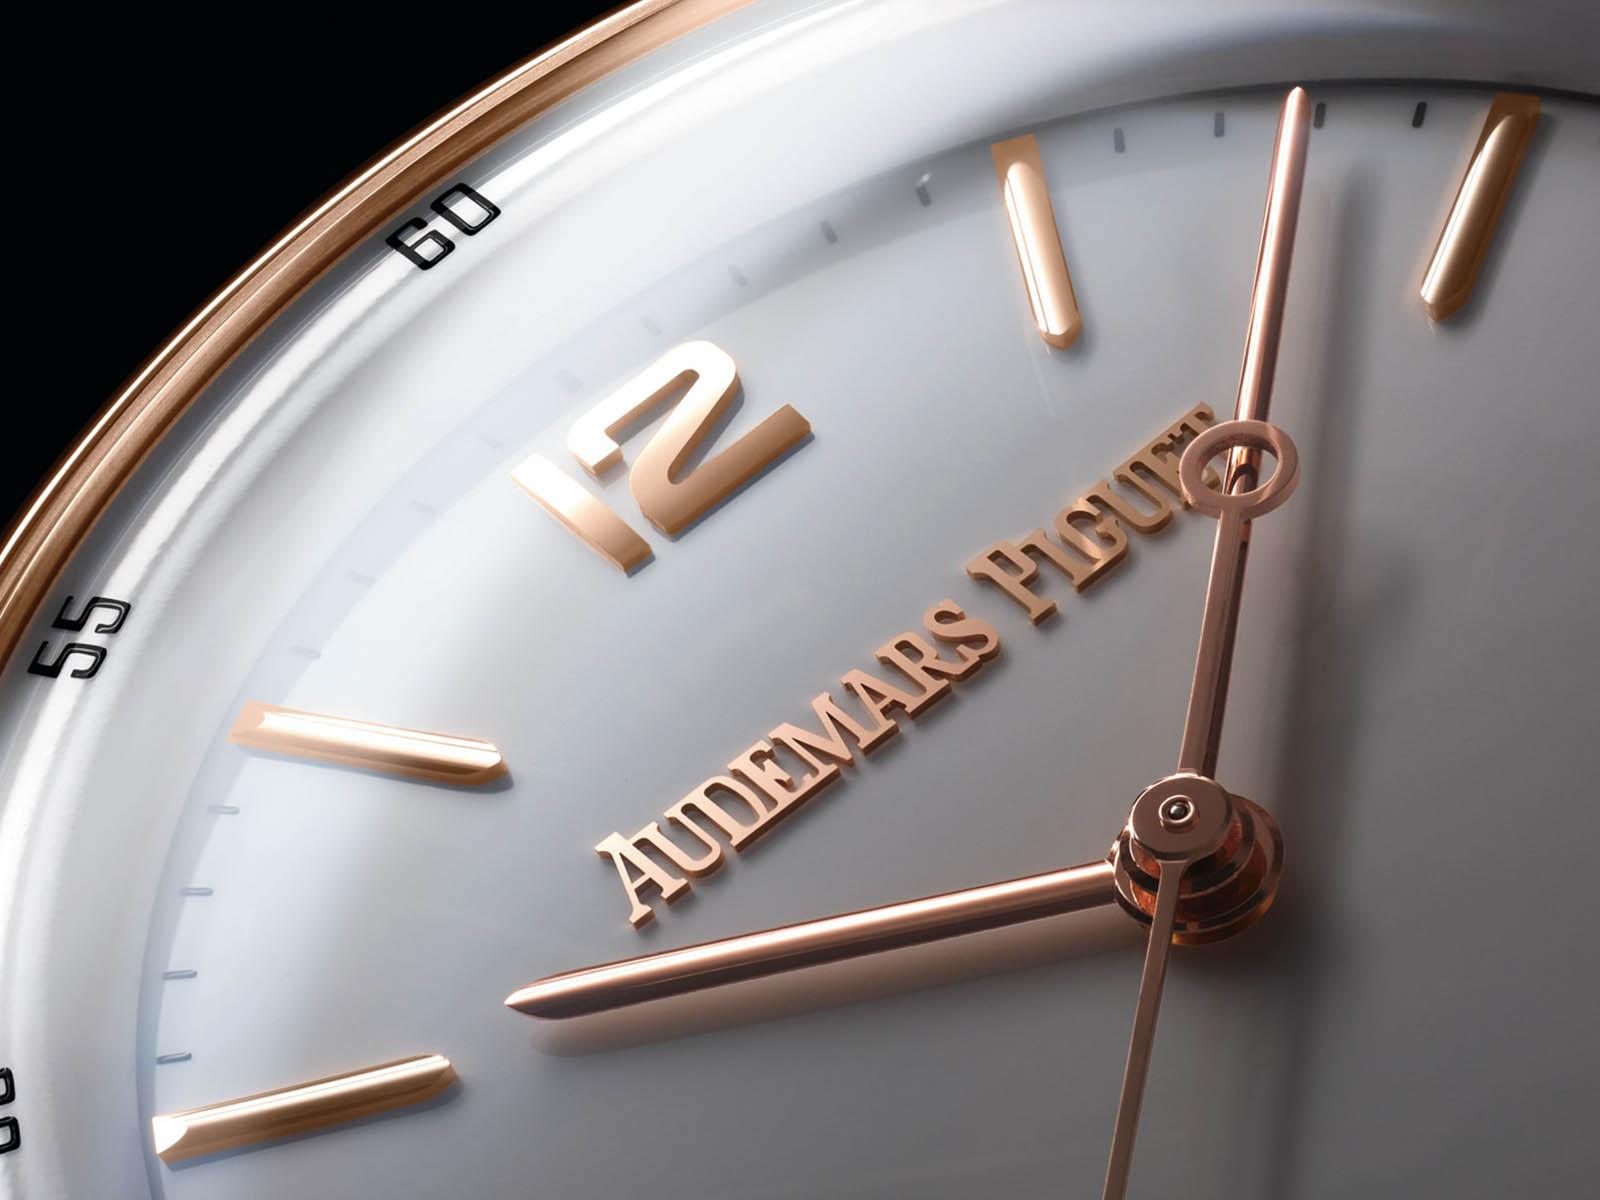 audemars-piguet-code-1159-automatic-2.jpg